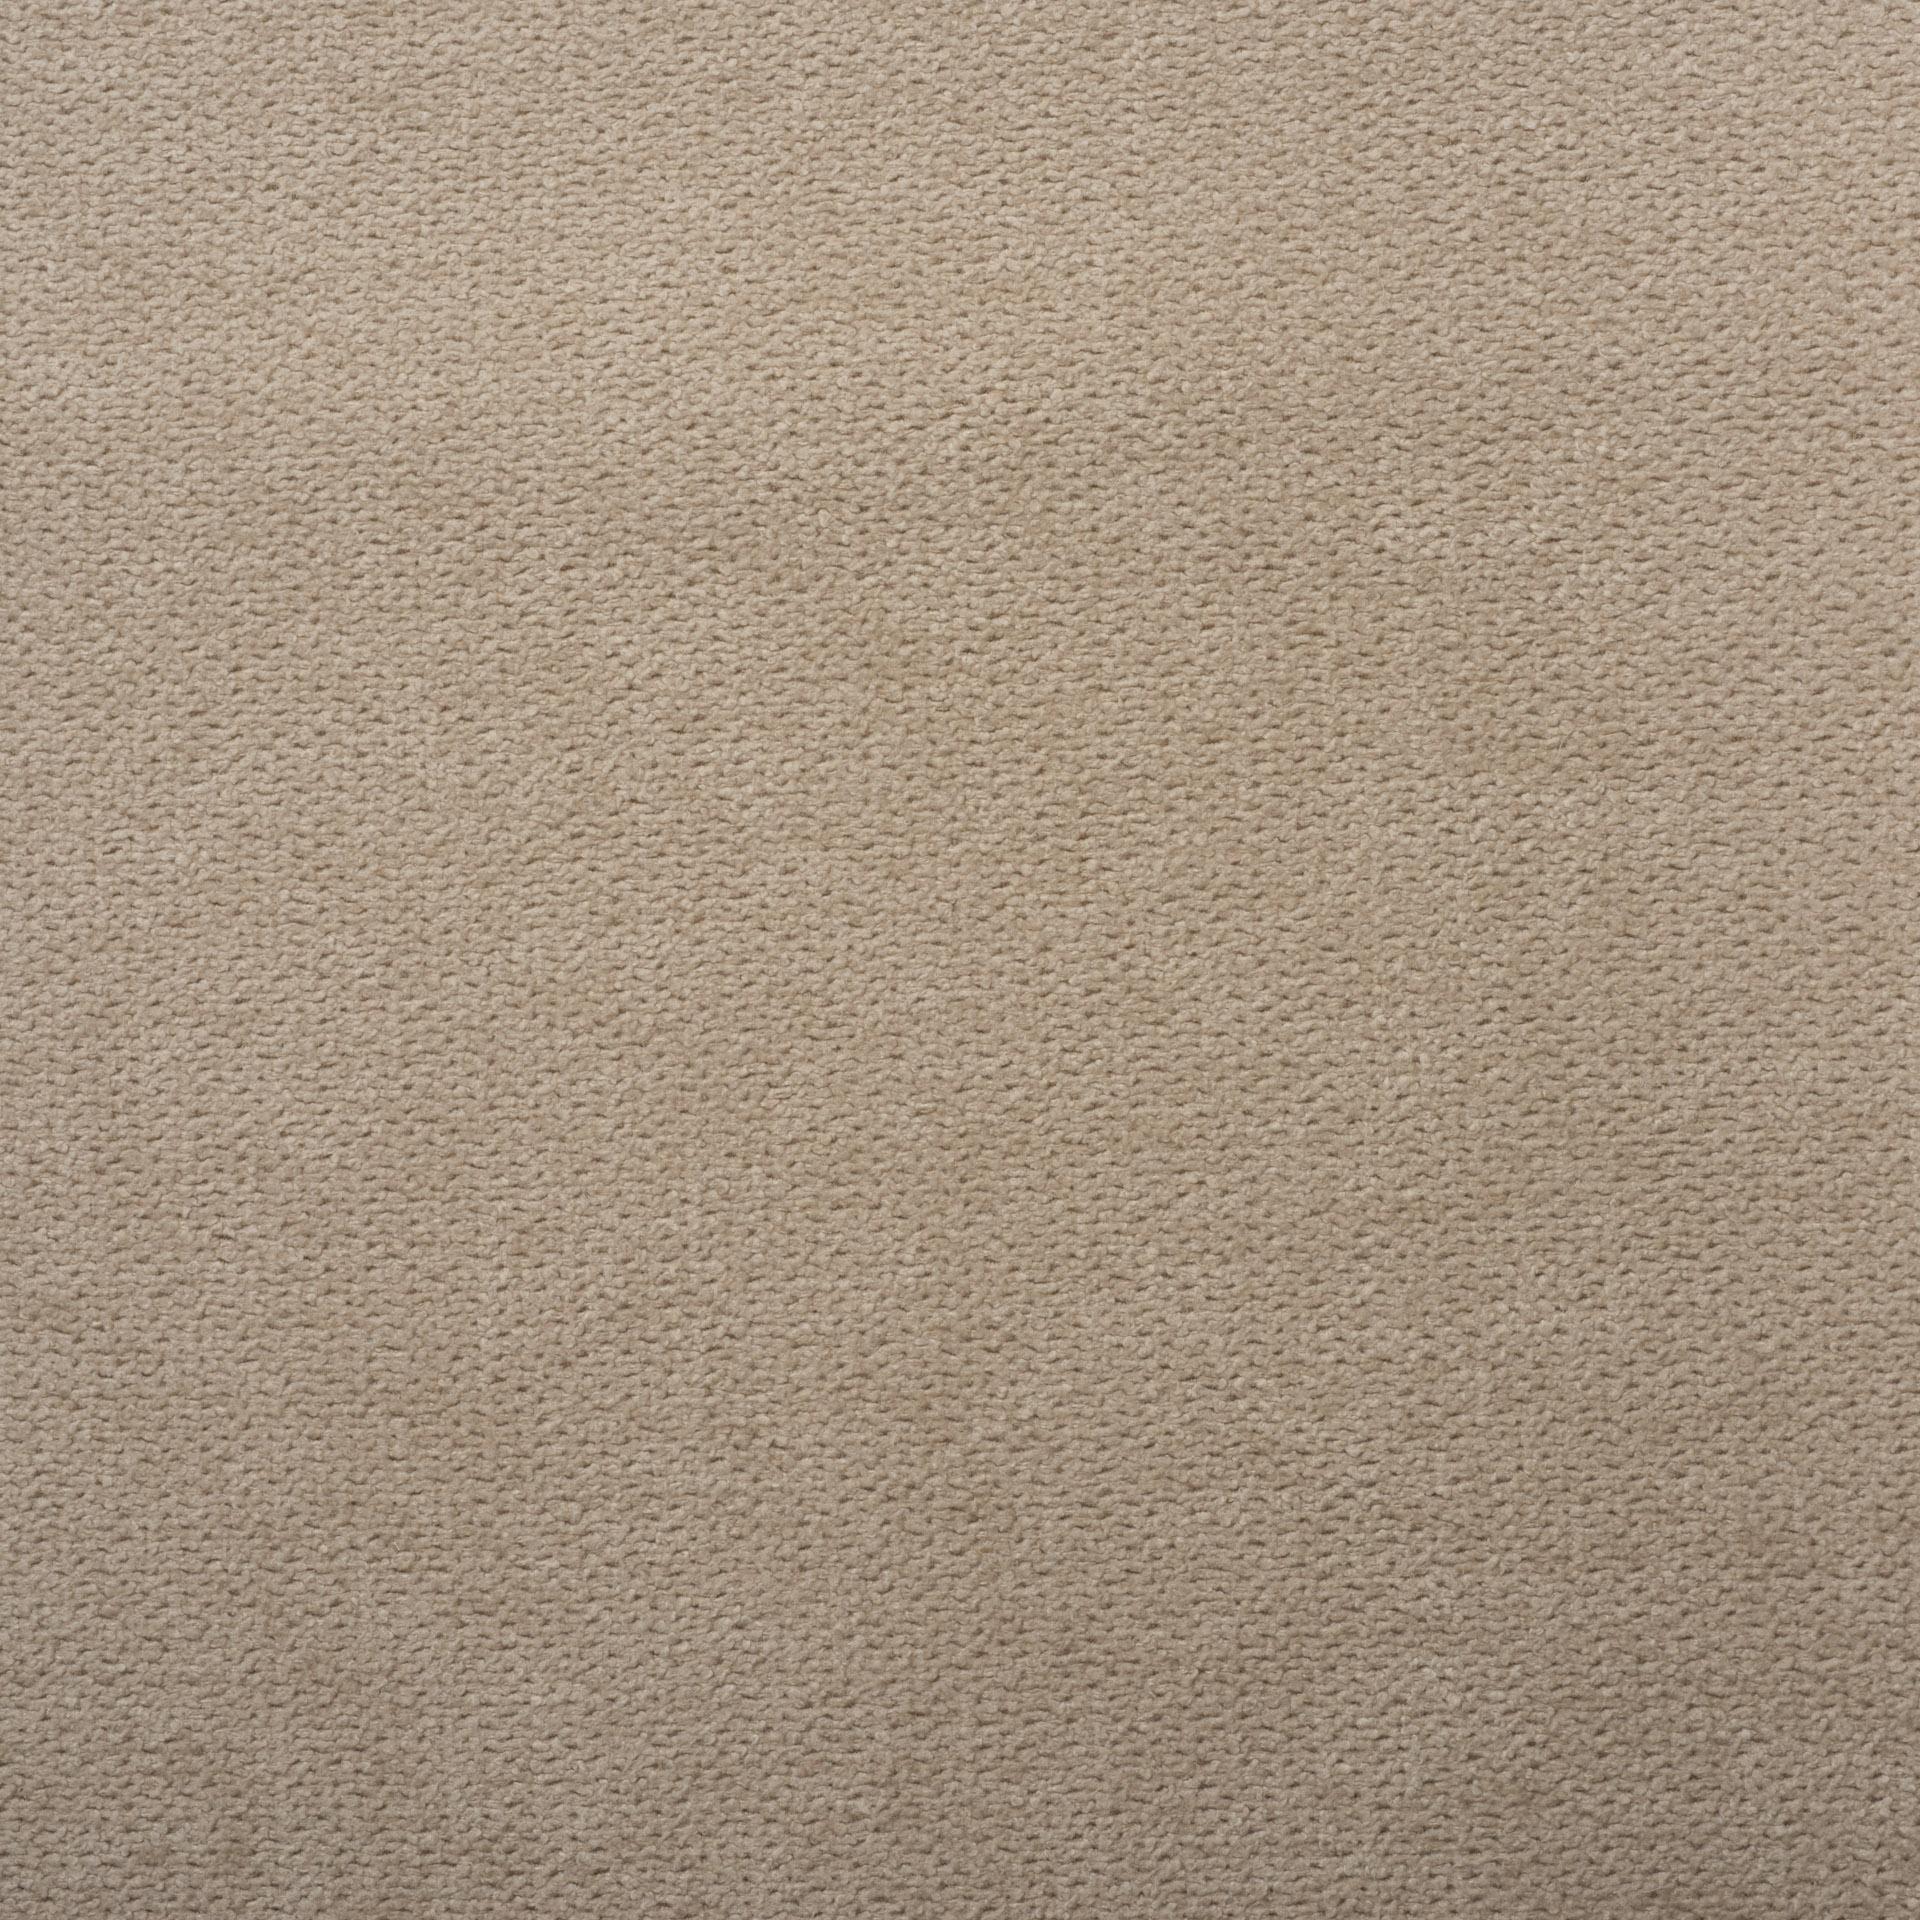 Коллекция ткани Аляска 01 SEMOLINA,  купить ткань Жаккард для мебели Украина